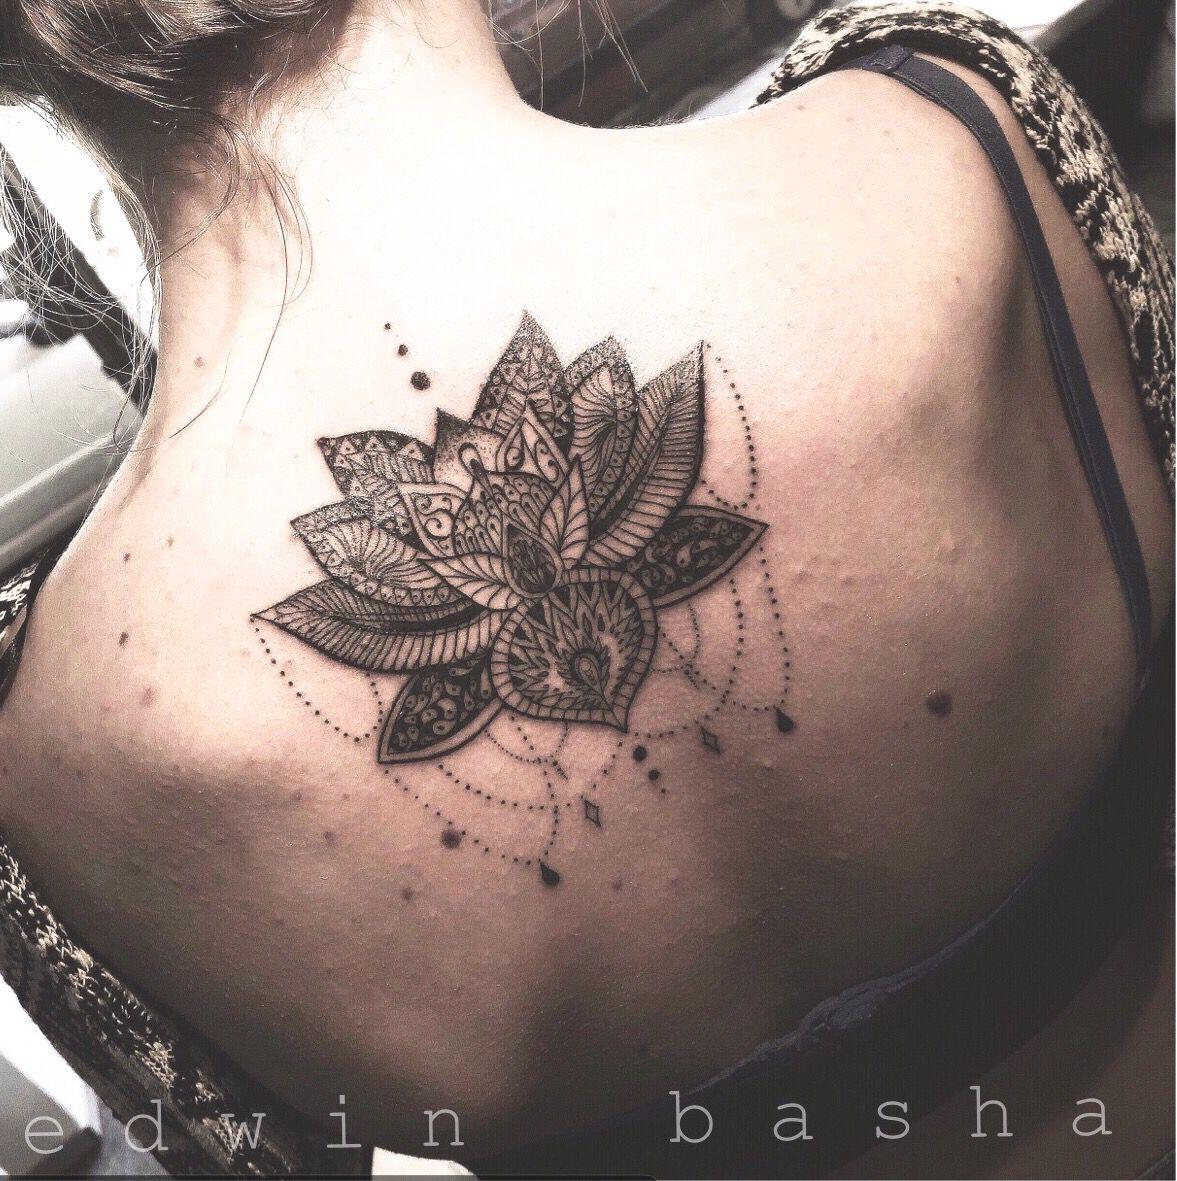 Tatuaggio fiore di loto mandala fiore tattoo by edwin for Tattoo fiori sul polso